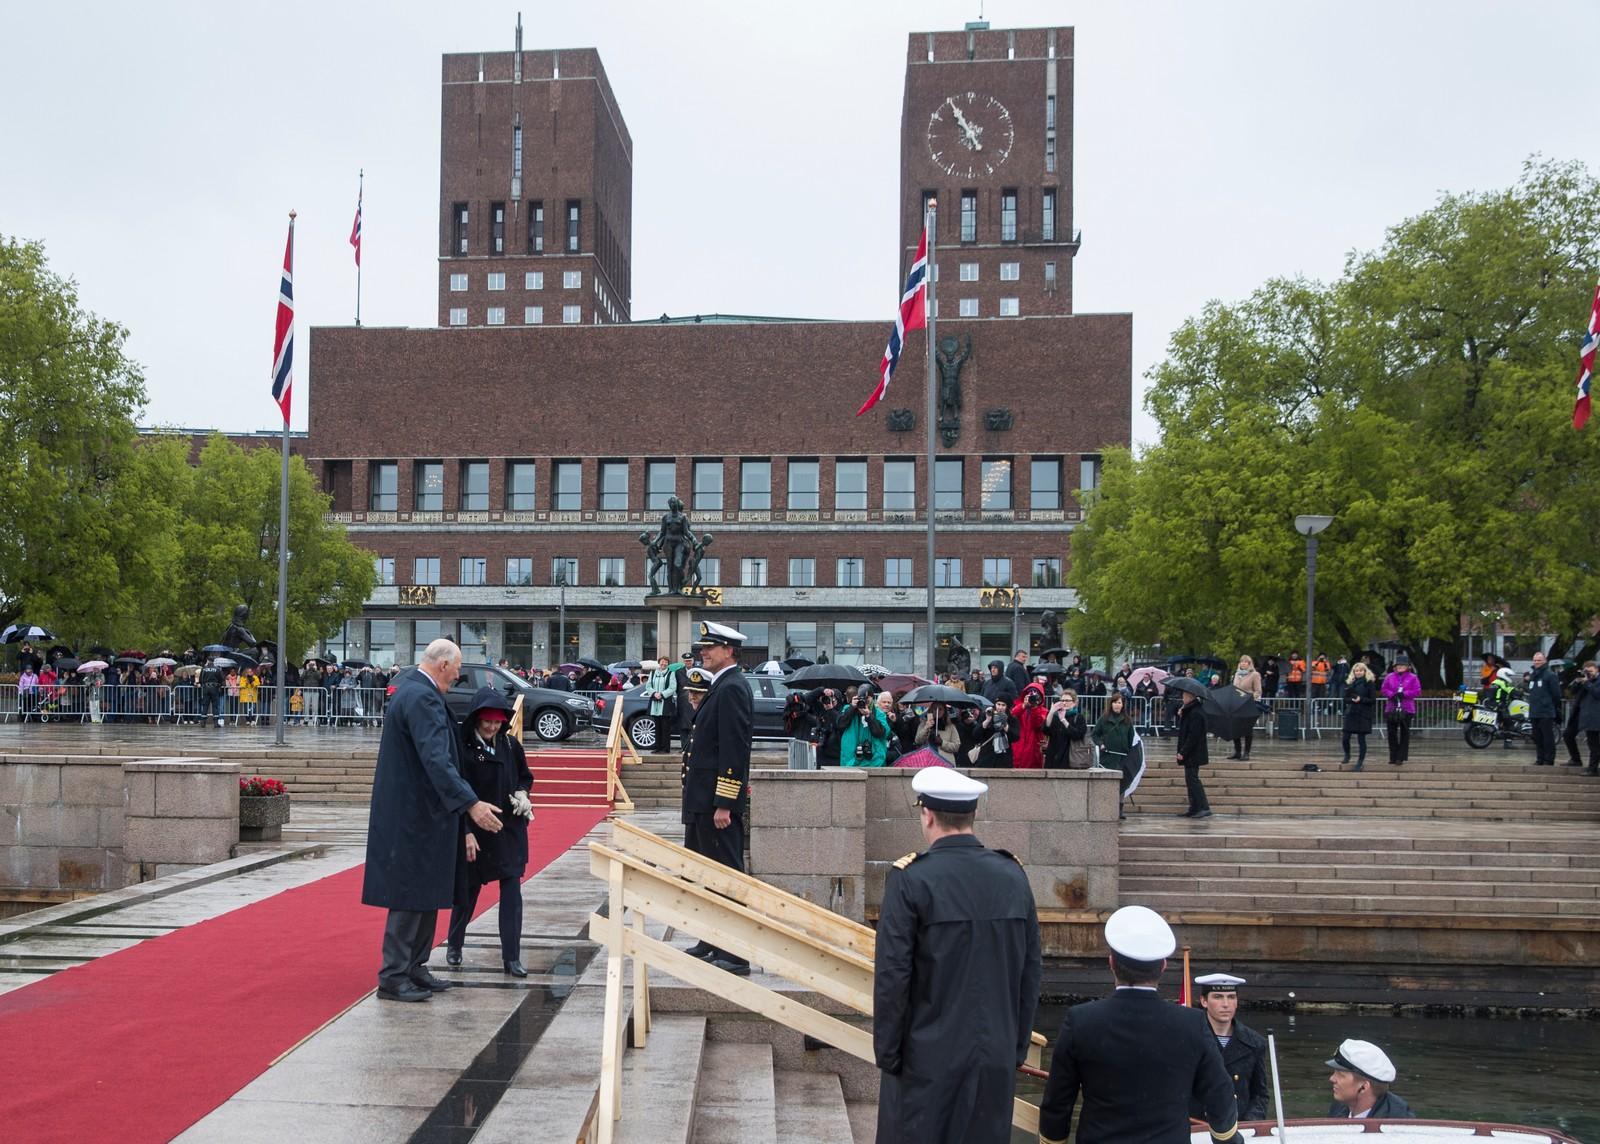 Publikum og et stort pressekorps utenfor rådhuset idet kong Harald og dronning Sonja ankommer Honnørbrygga for avreise til Kongeskipet Norge onsdag, der